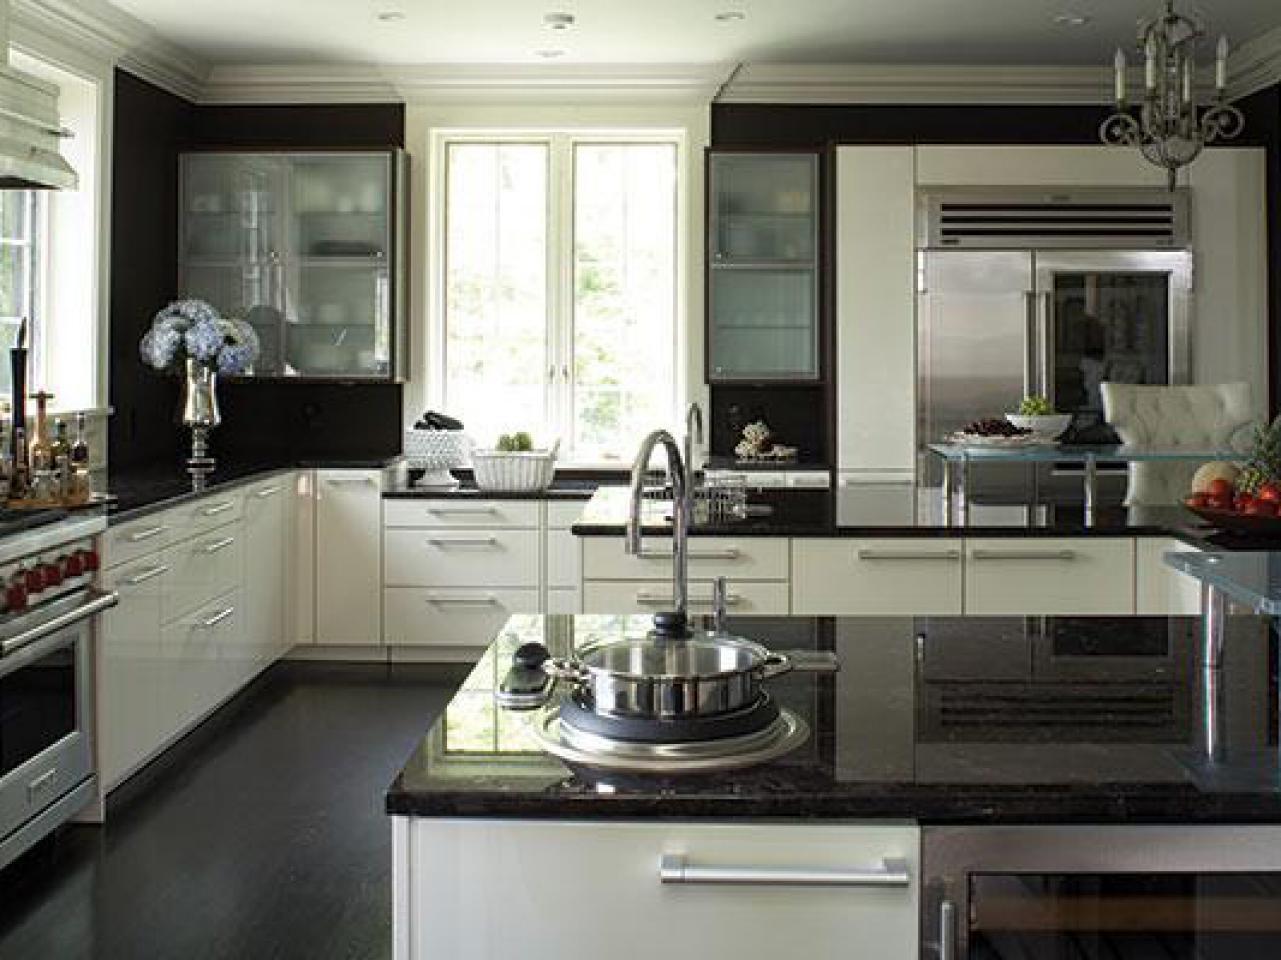 white kitchen cabinets with black countertops dark granite countertops TOUHBRI